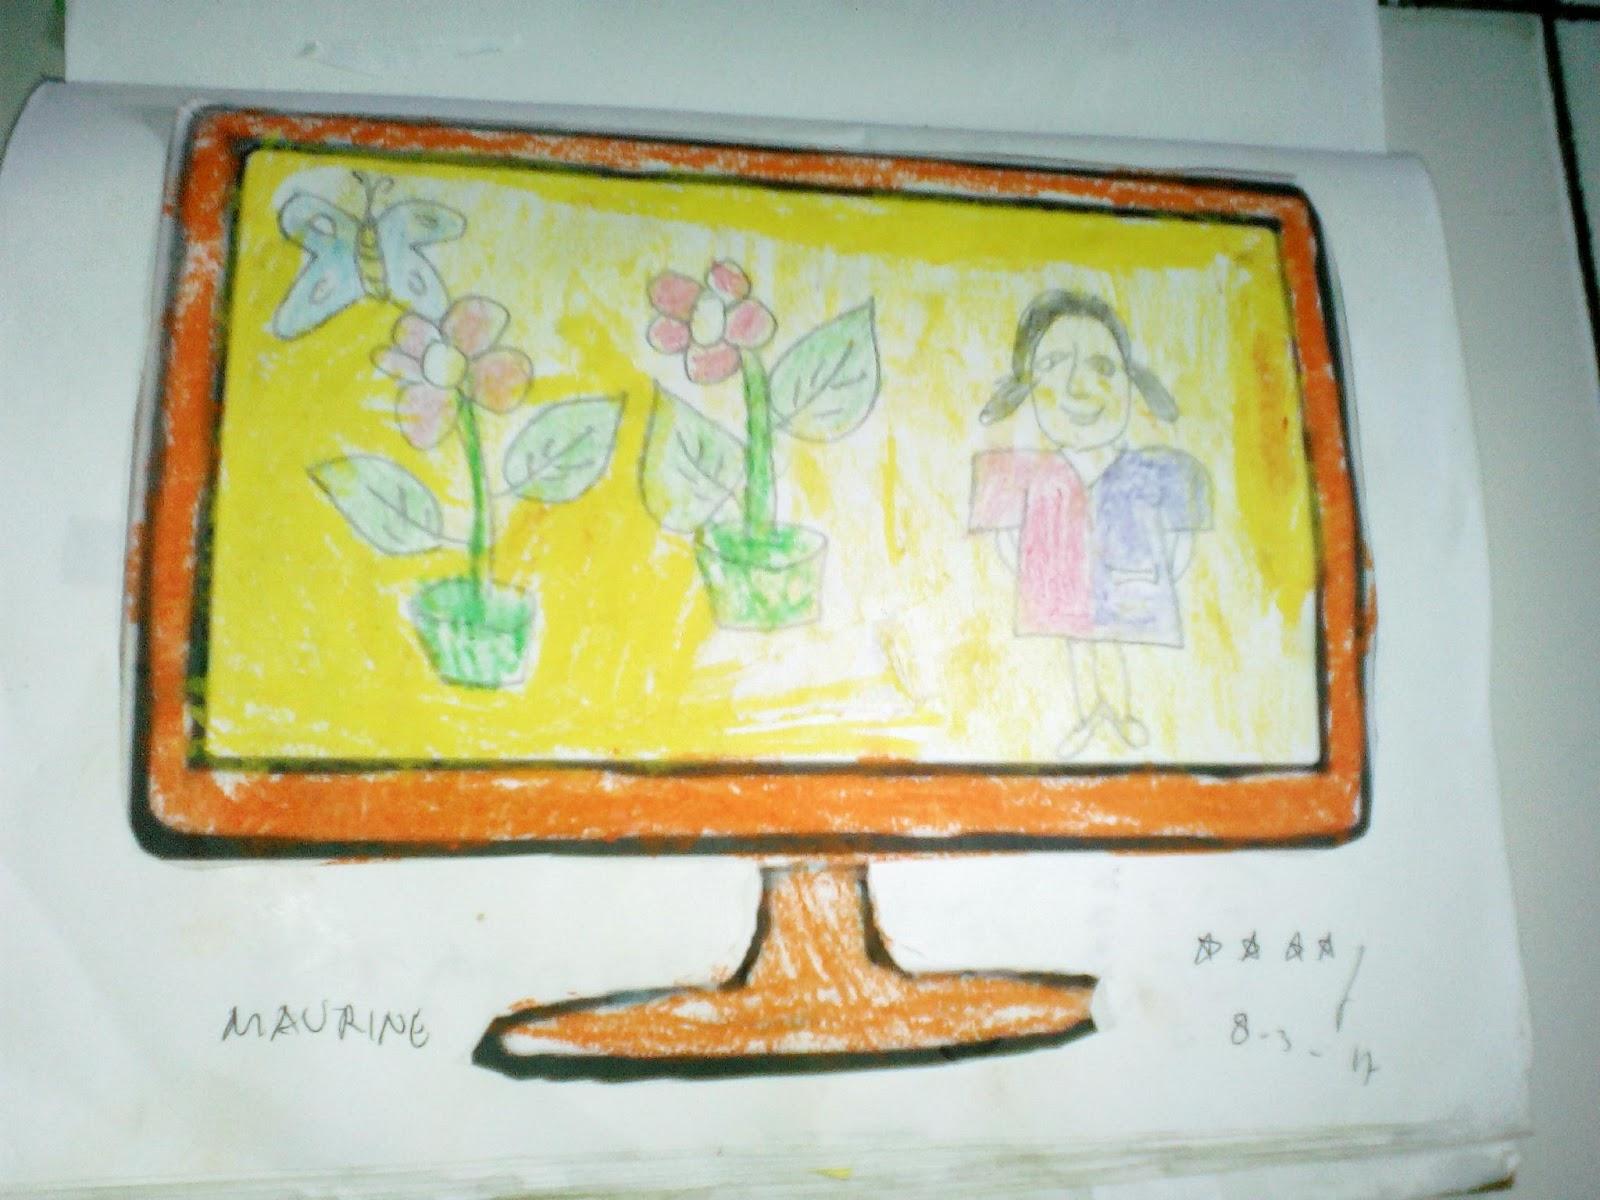 Mewarnai Menggunting Menempel Gambar Televisi Tk Islam Miftahul